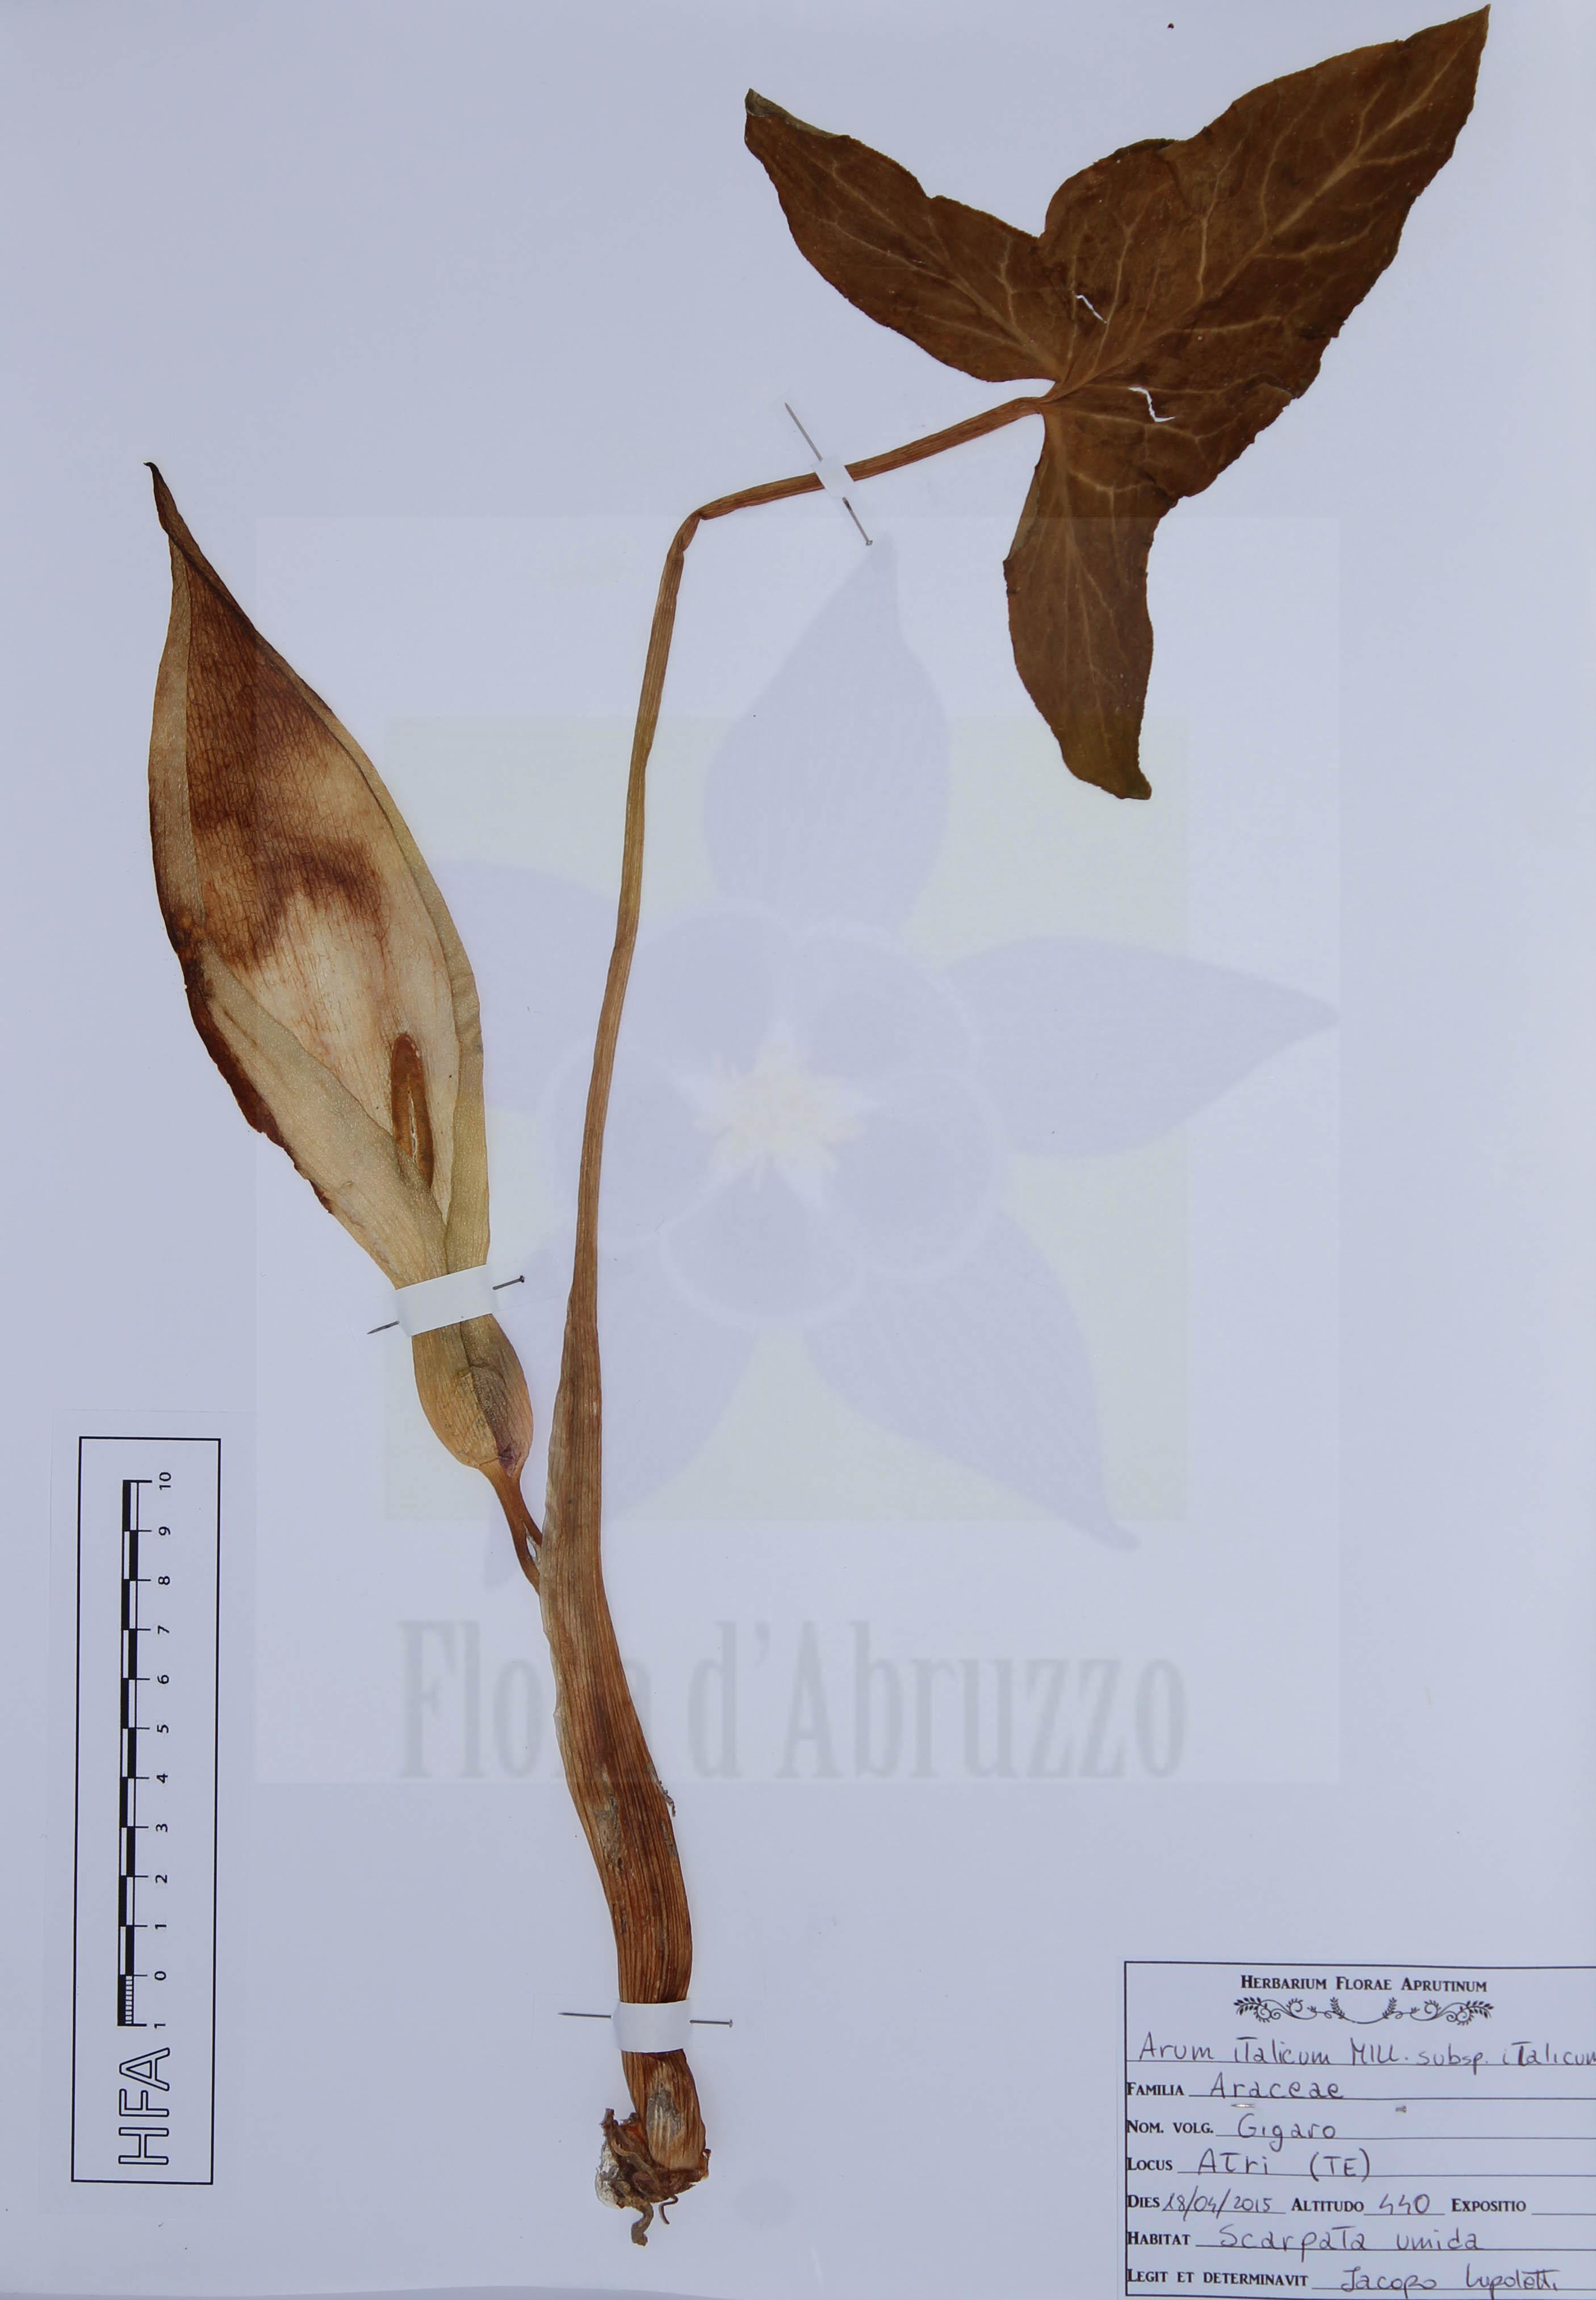 Arum italicumMill. subsp.italicum